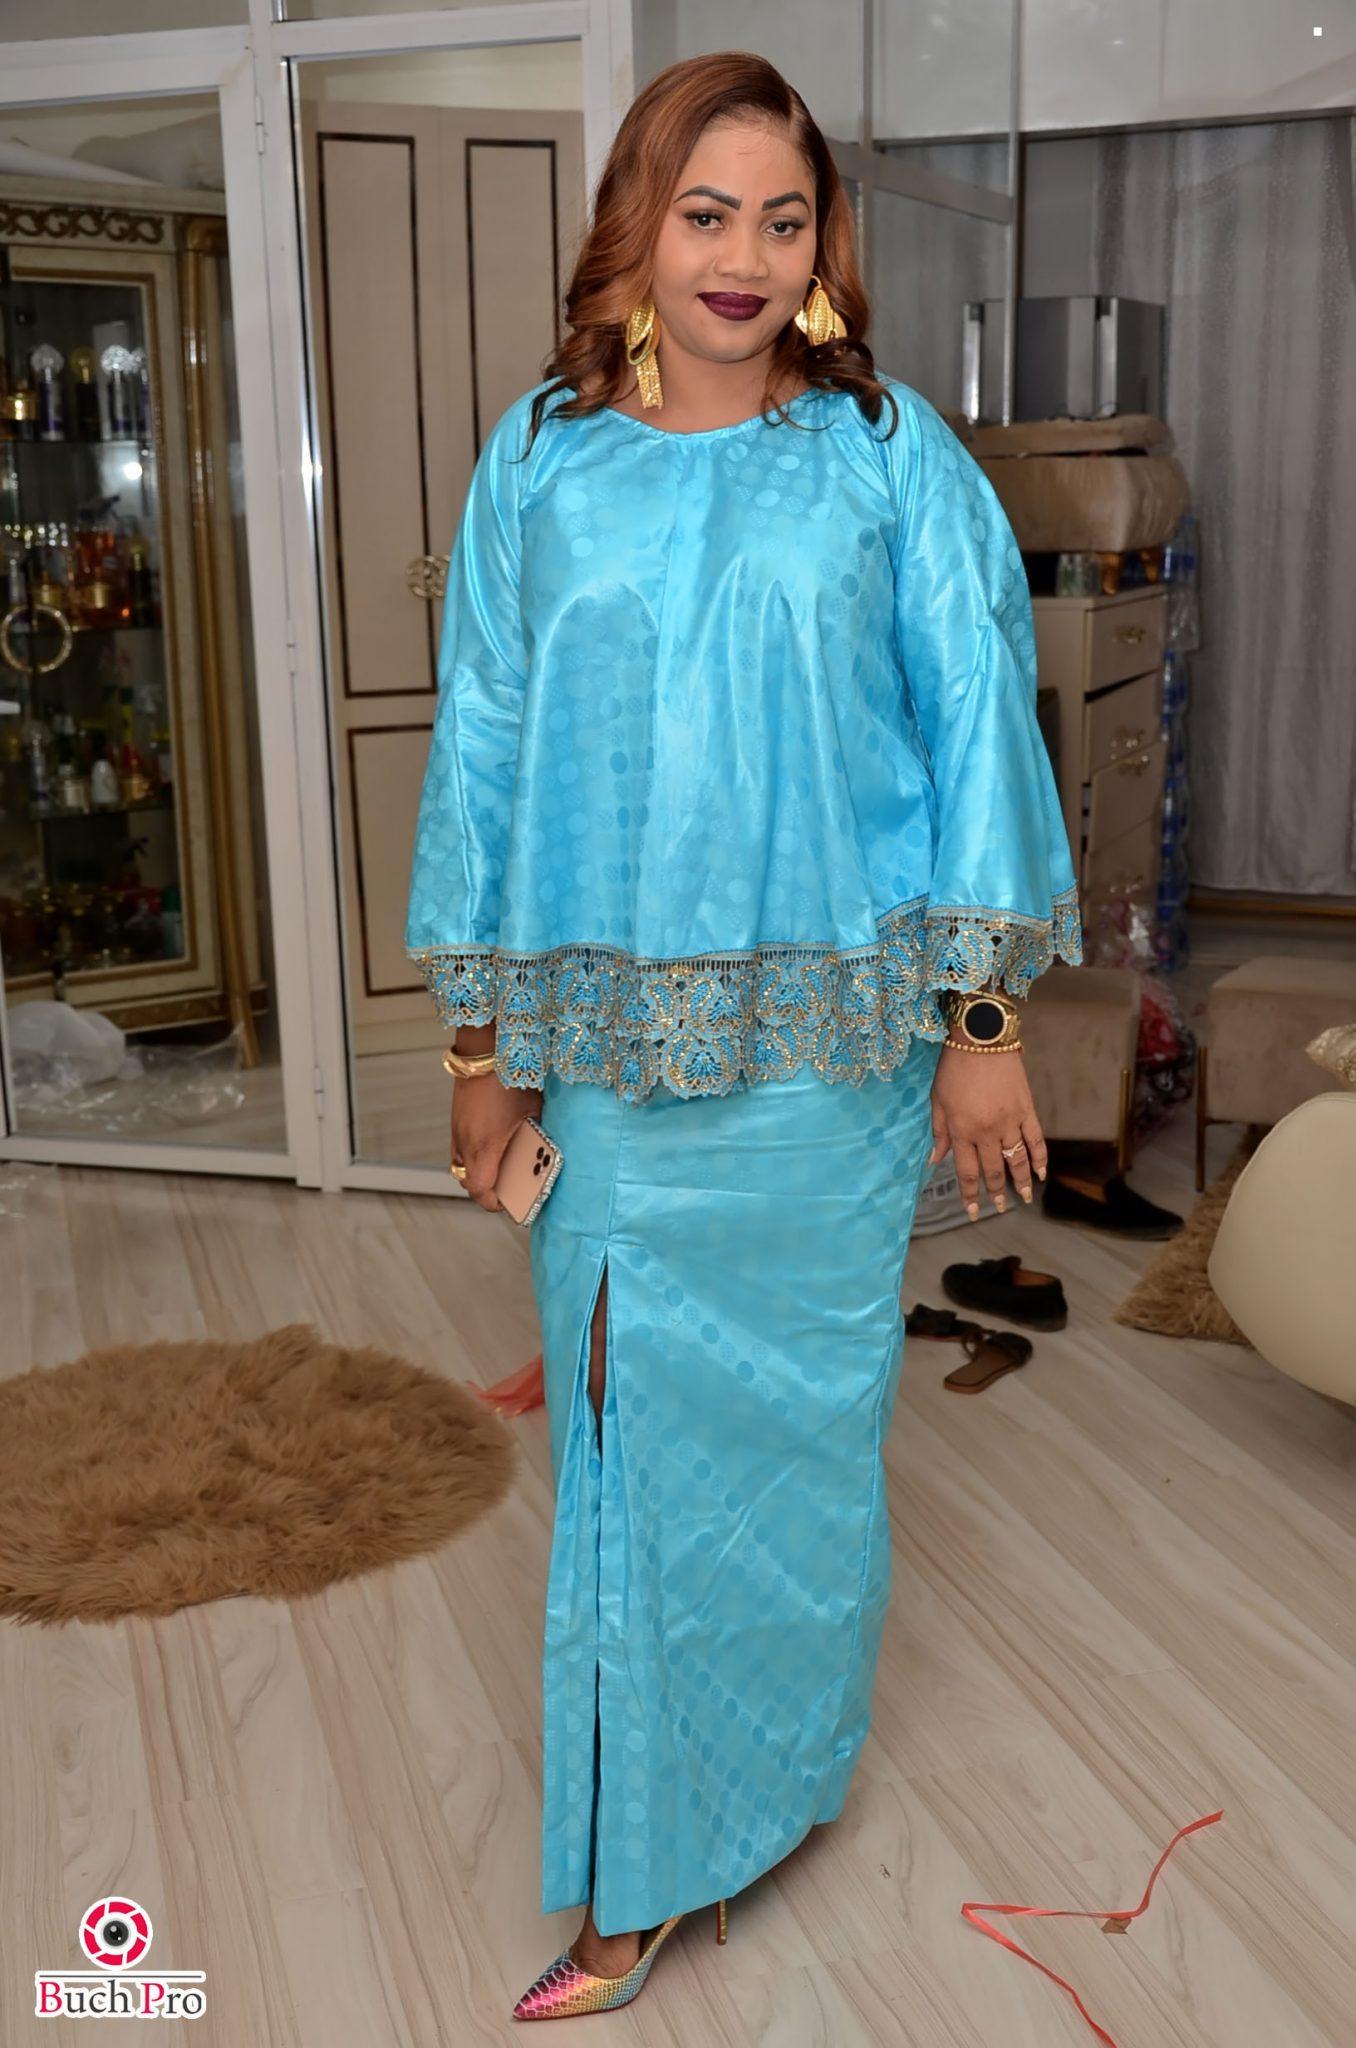 Incroyable – Mounass « Tour du monde » tabasse sévèrement et saccage la maison de Amina Ndiaye,une victime de « Kocc » :Pour avoir tenté de briser son couple